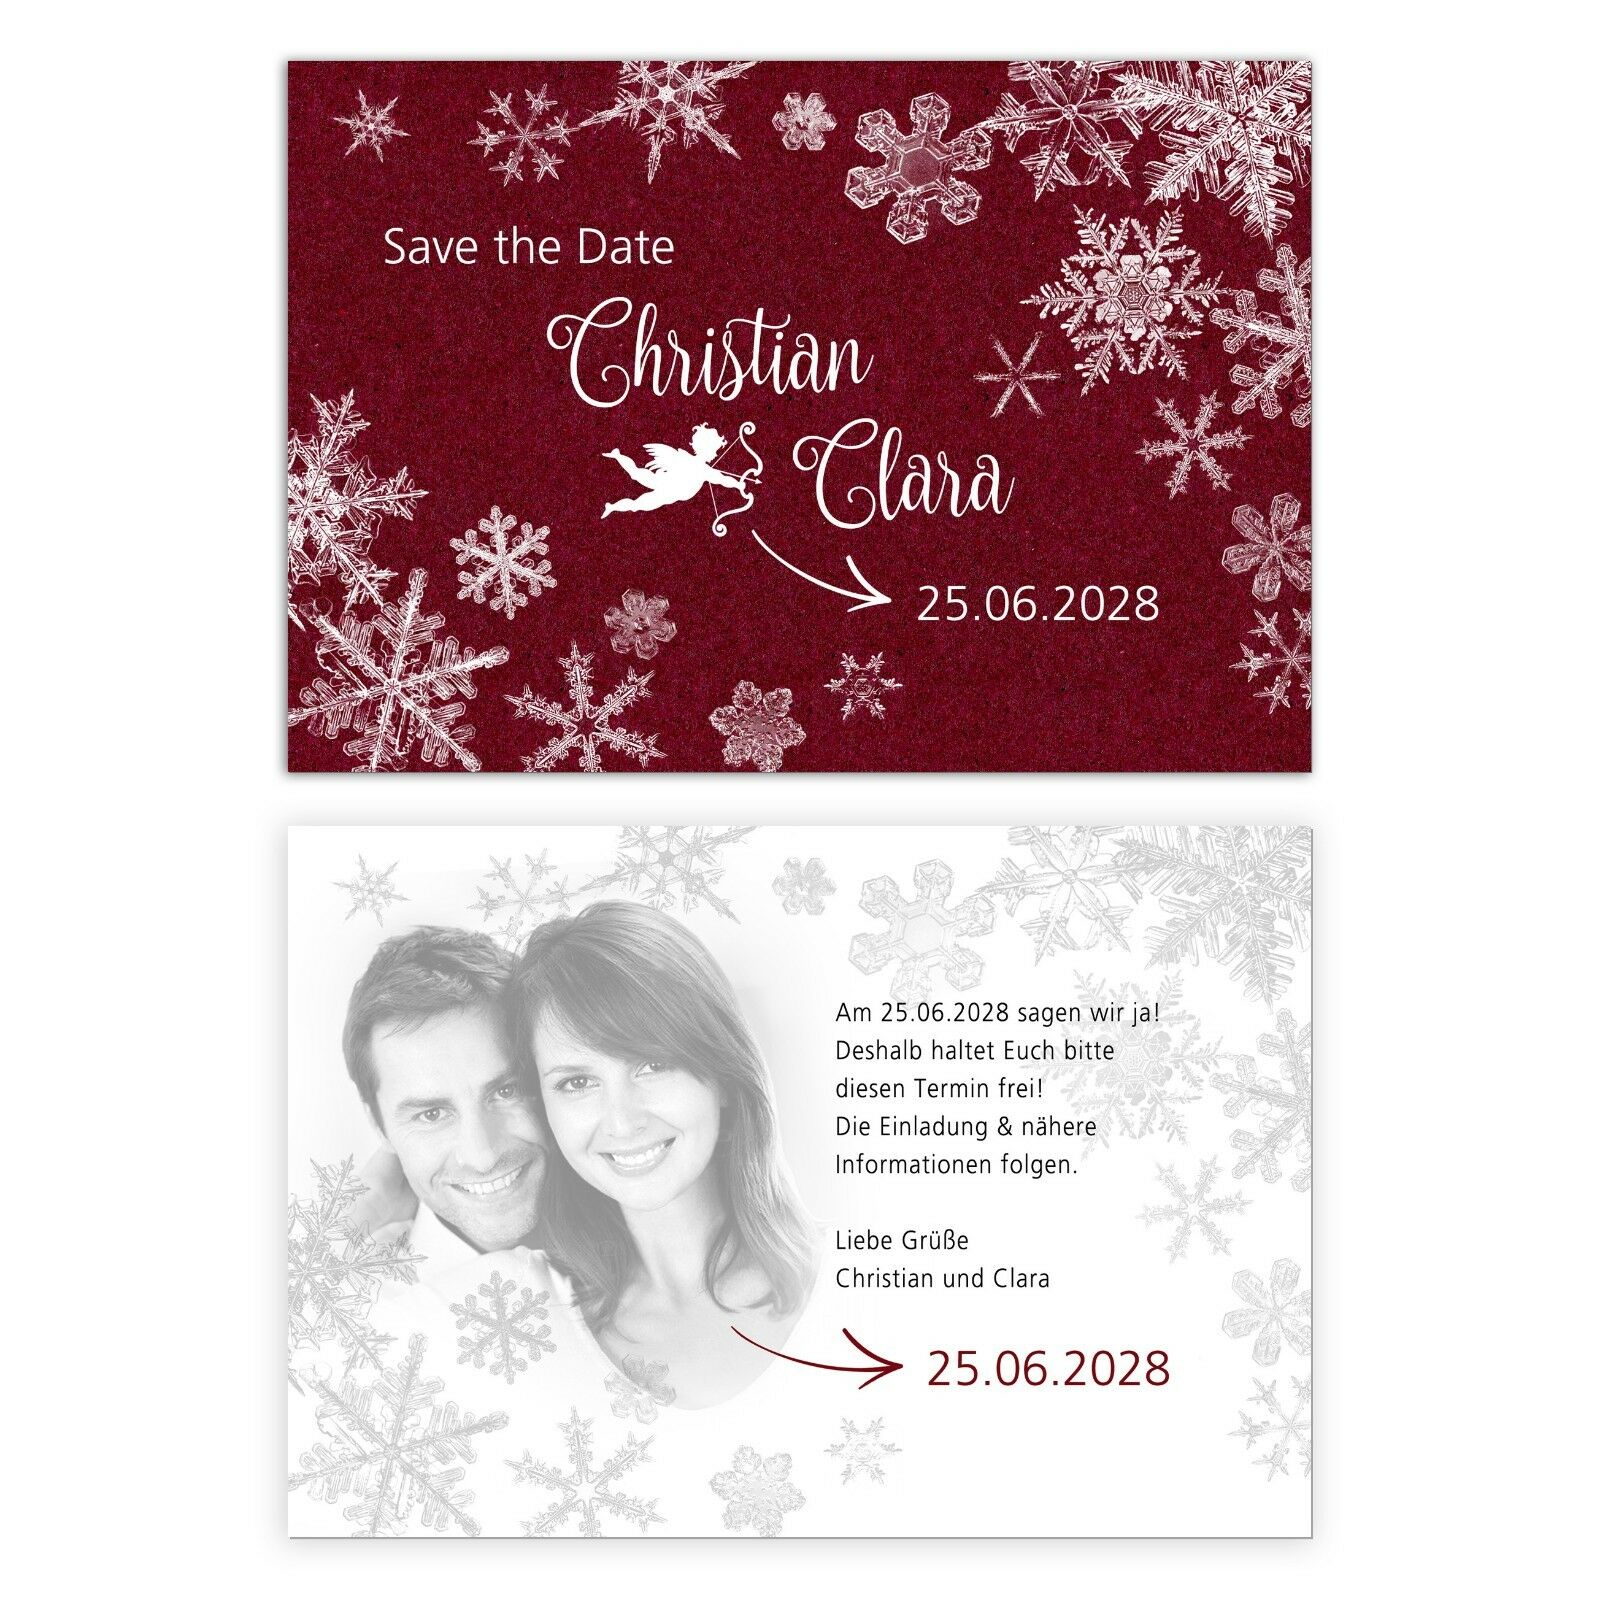 Personalisierte Save the Date, Einladungskarten Hochzeit Hochzeit Hochzeit – Weihnachten Winter  | Professionelles Design  | Garantiere Qualität und Quantität  | Shopping Online  b192b2